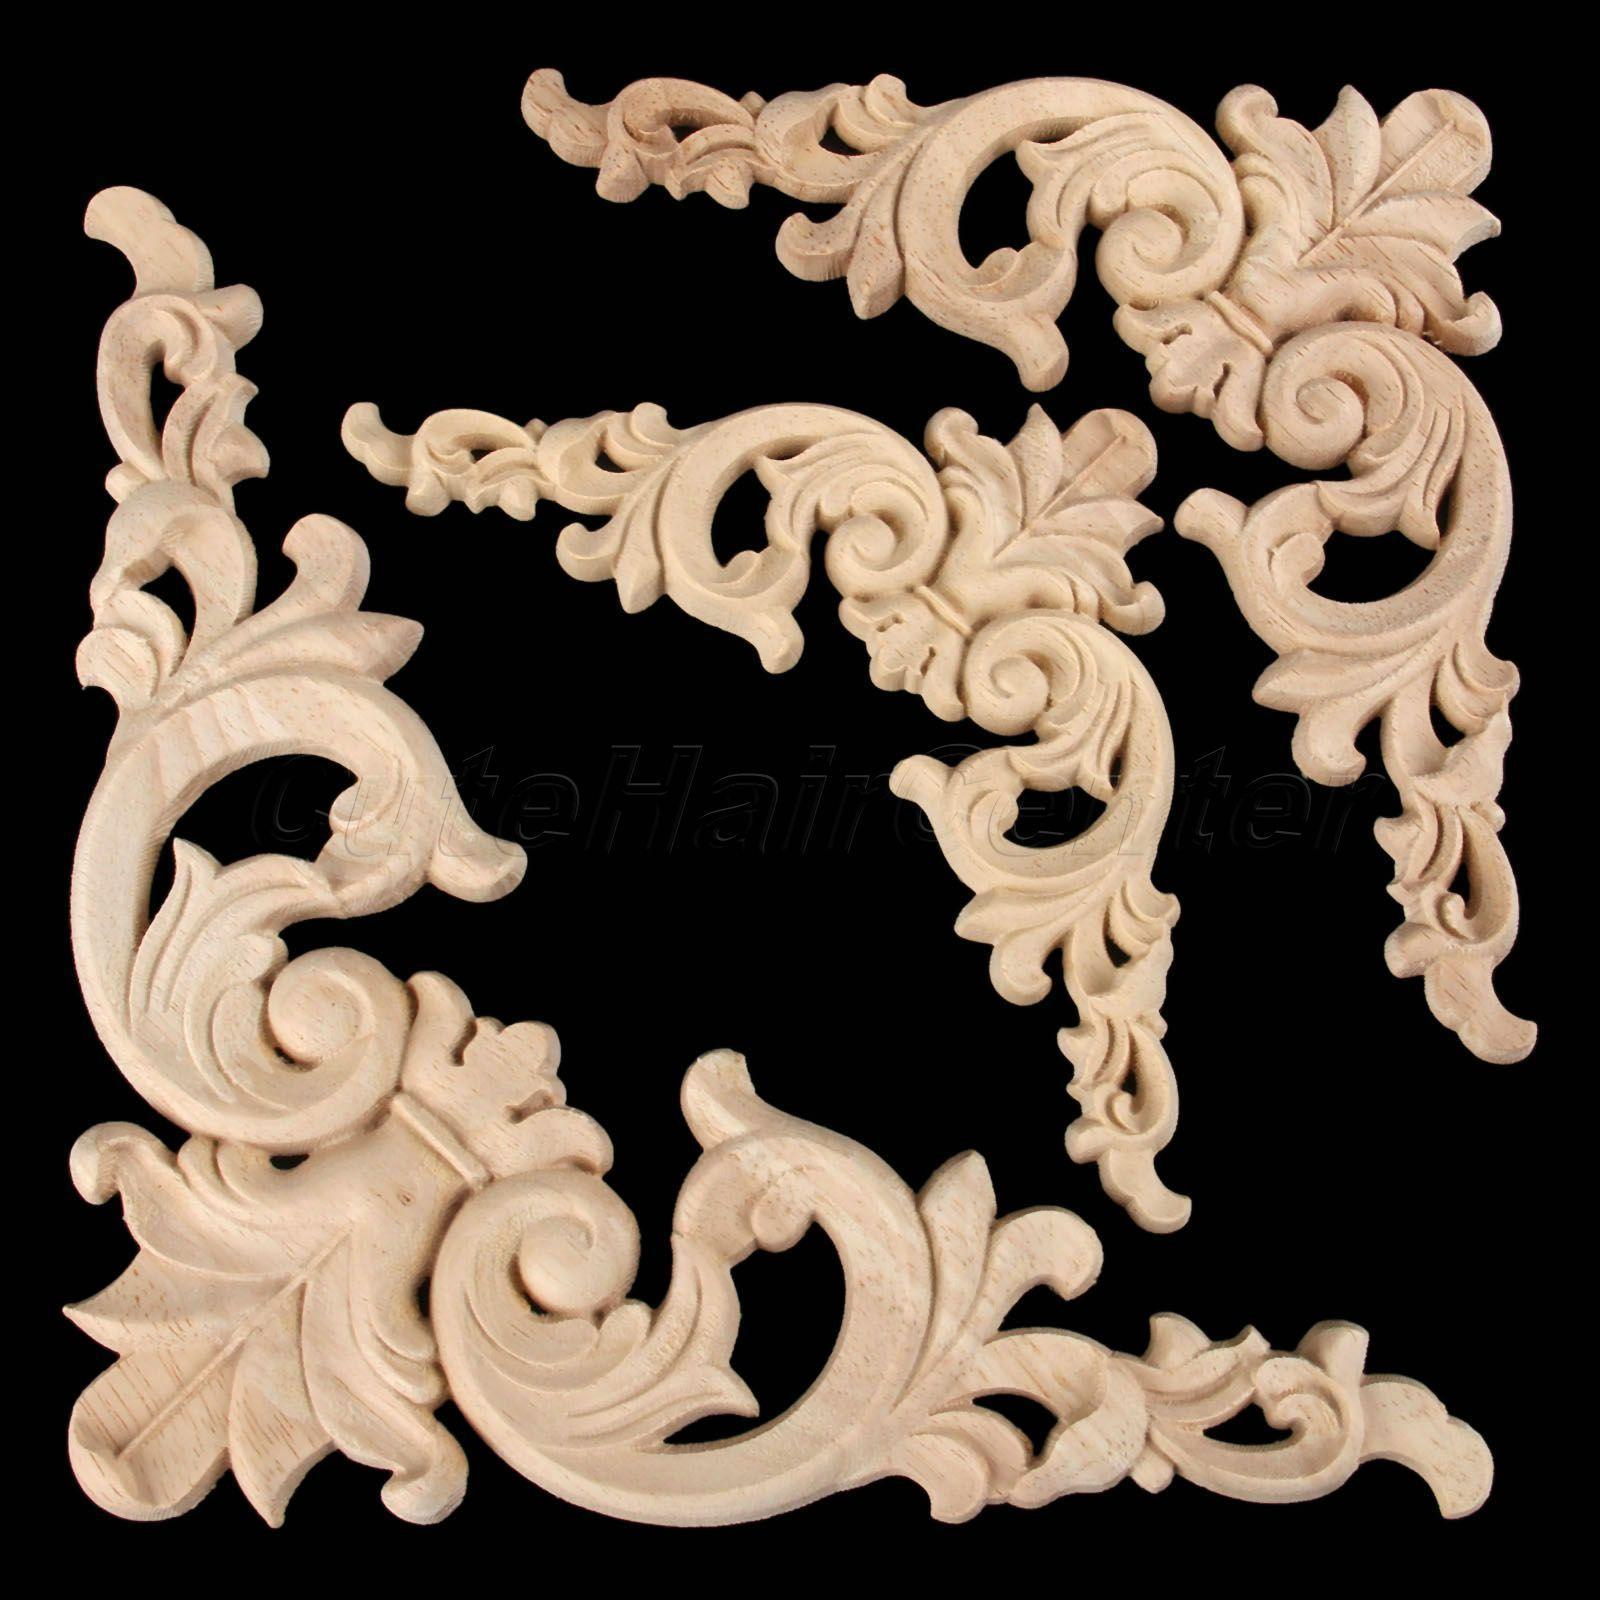 8*8*0.8cm Wood Carved Corner Onlay Applique Unpainted Furniture Door Home Decor